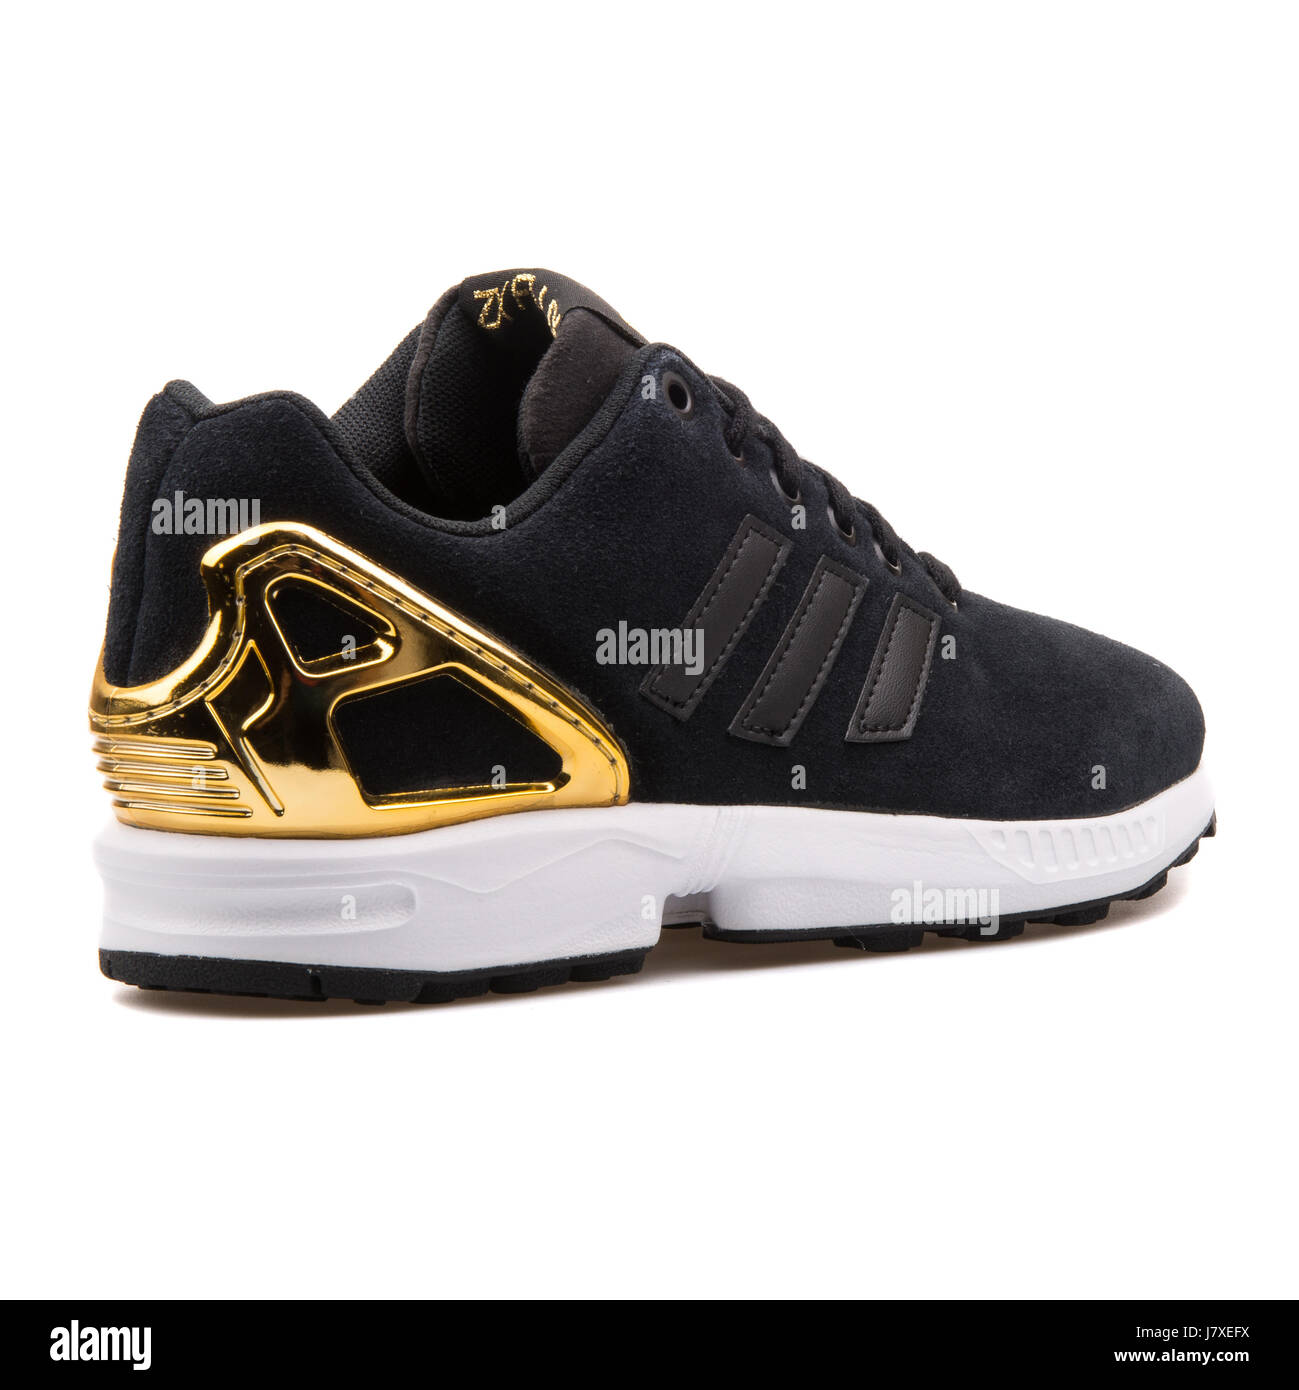 adidas donna zx flux nero